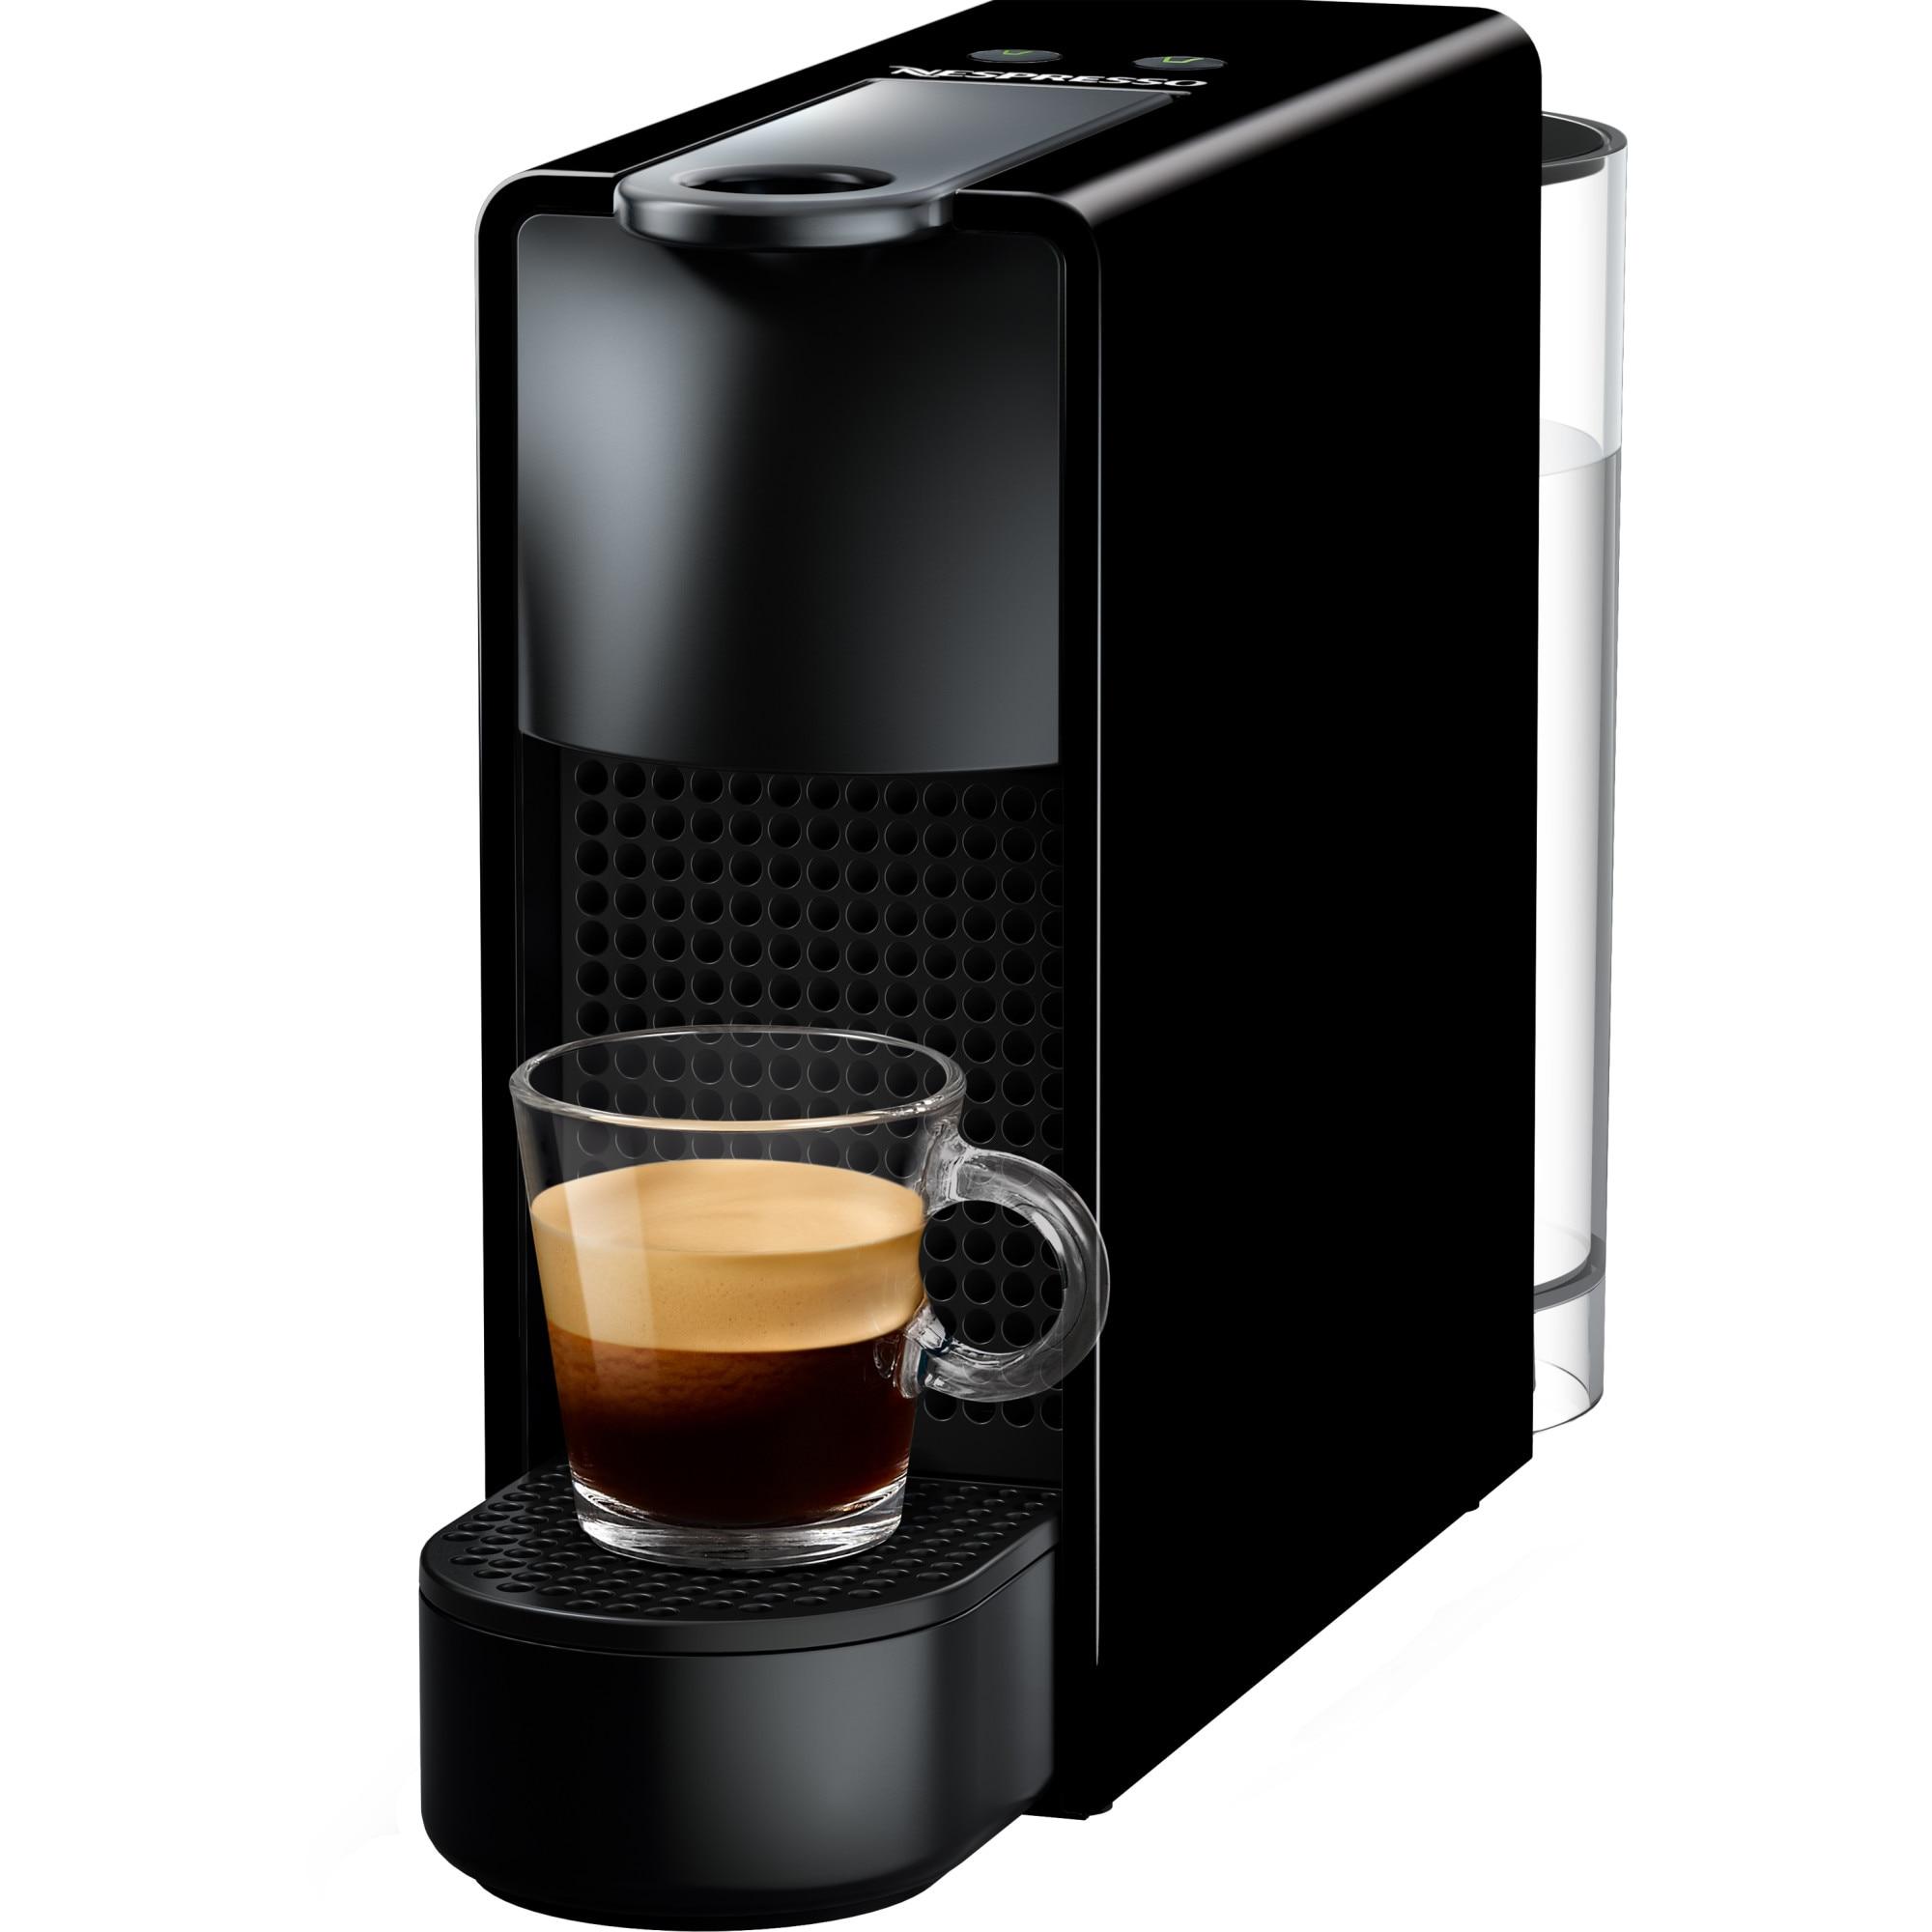 Fotografie Espressor Nespresso Essenza Mini C30, 19 bari, 1260W, 0.6l, Negru + 14 capsule cadou